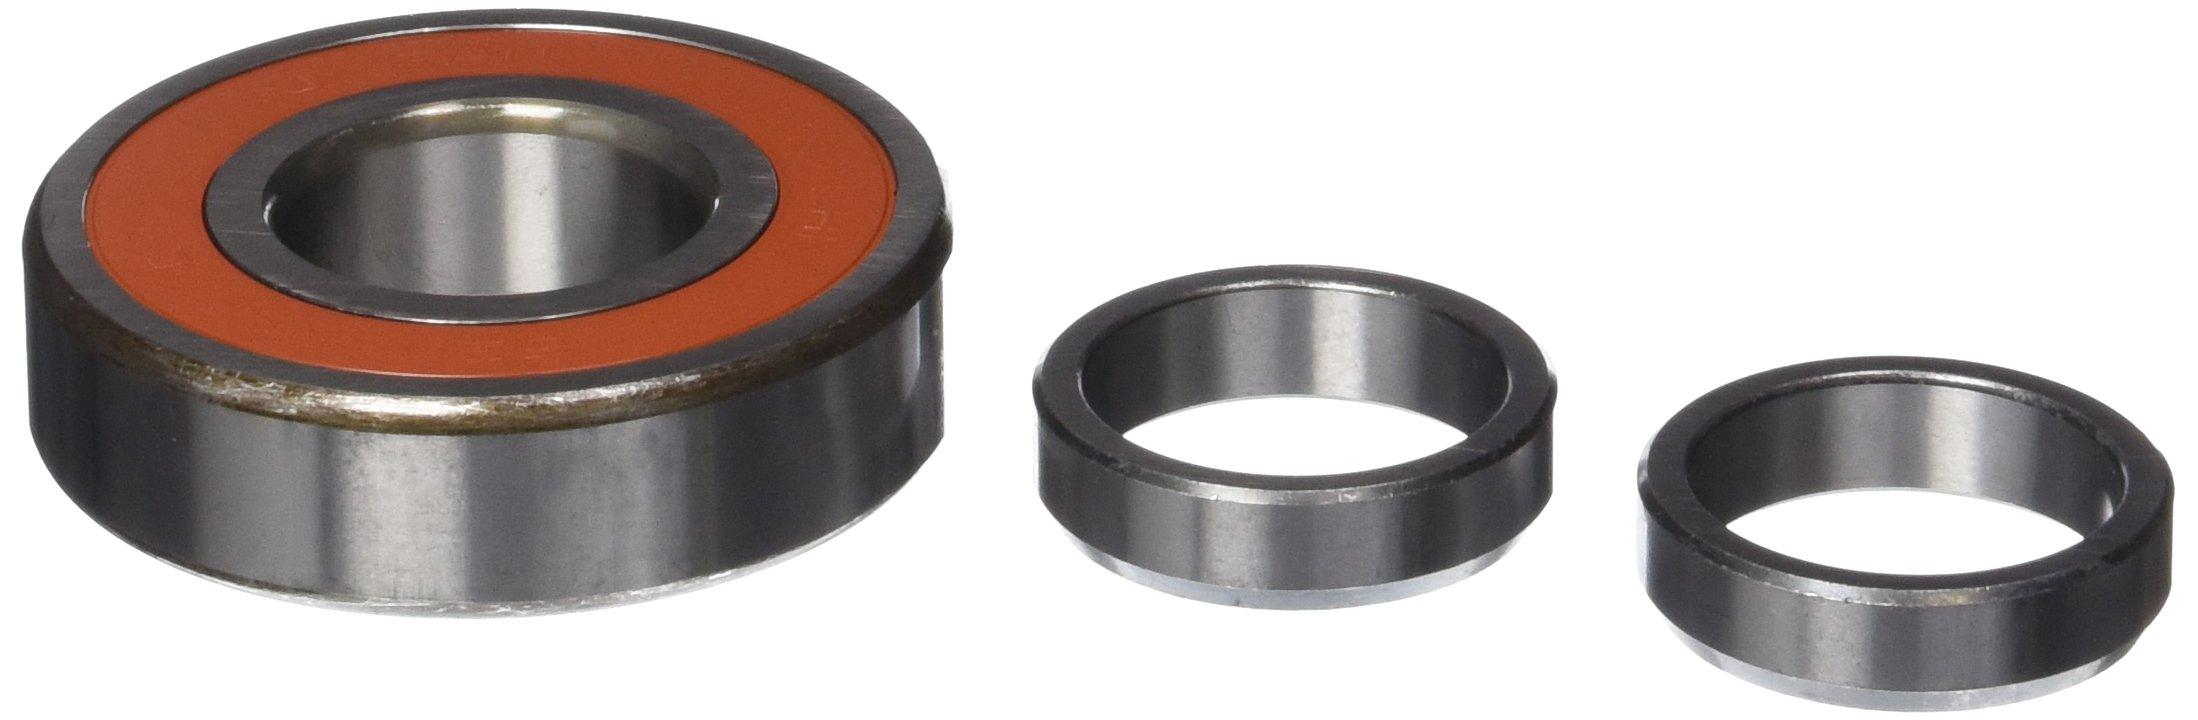 Timken 511021 Wheel Bearing by Timken